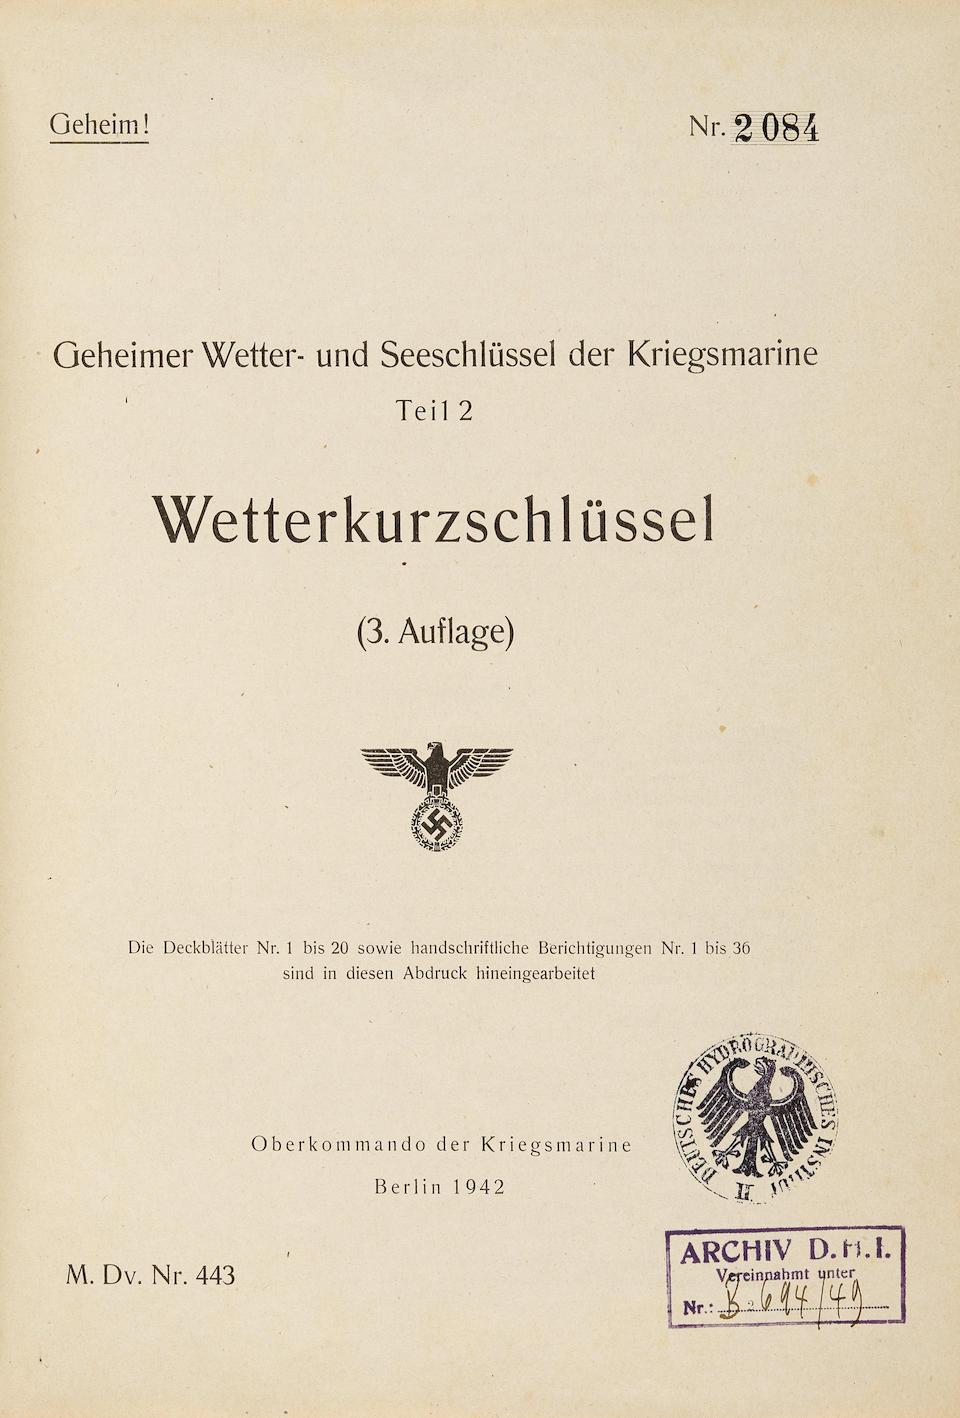 GERMAN WEATHER REPORT CODEBOOK, FOR ENIGMA USE. Wetterkurzschlussel. [WKS. Weather short Signal Book]. Berlin: Oberkommando der Kriegsmarine, 1942.